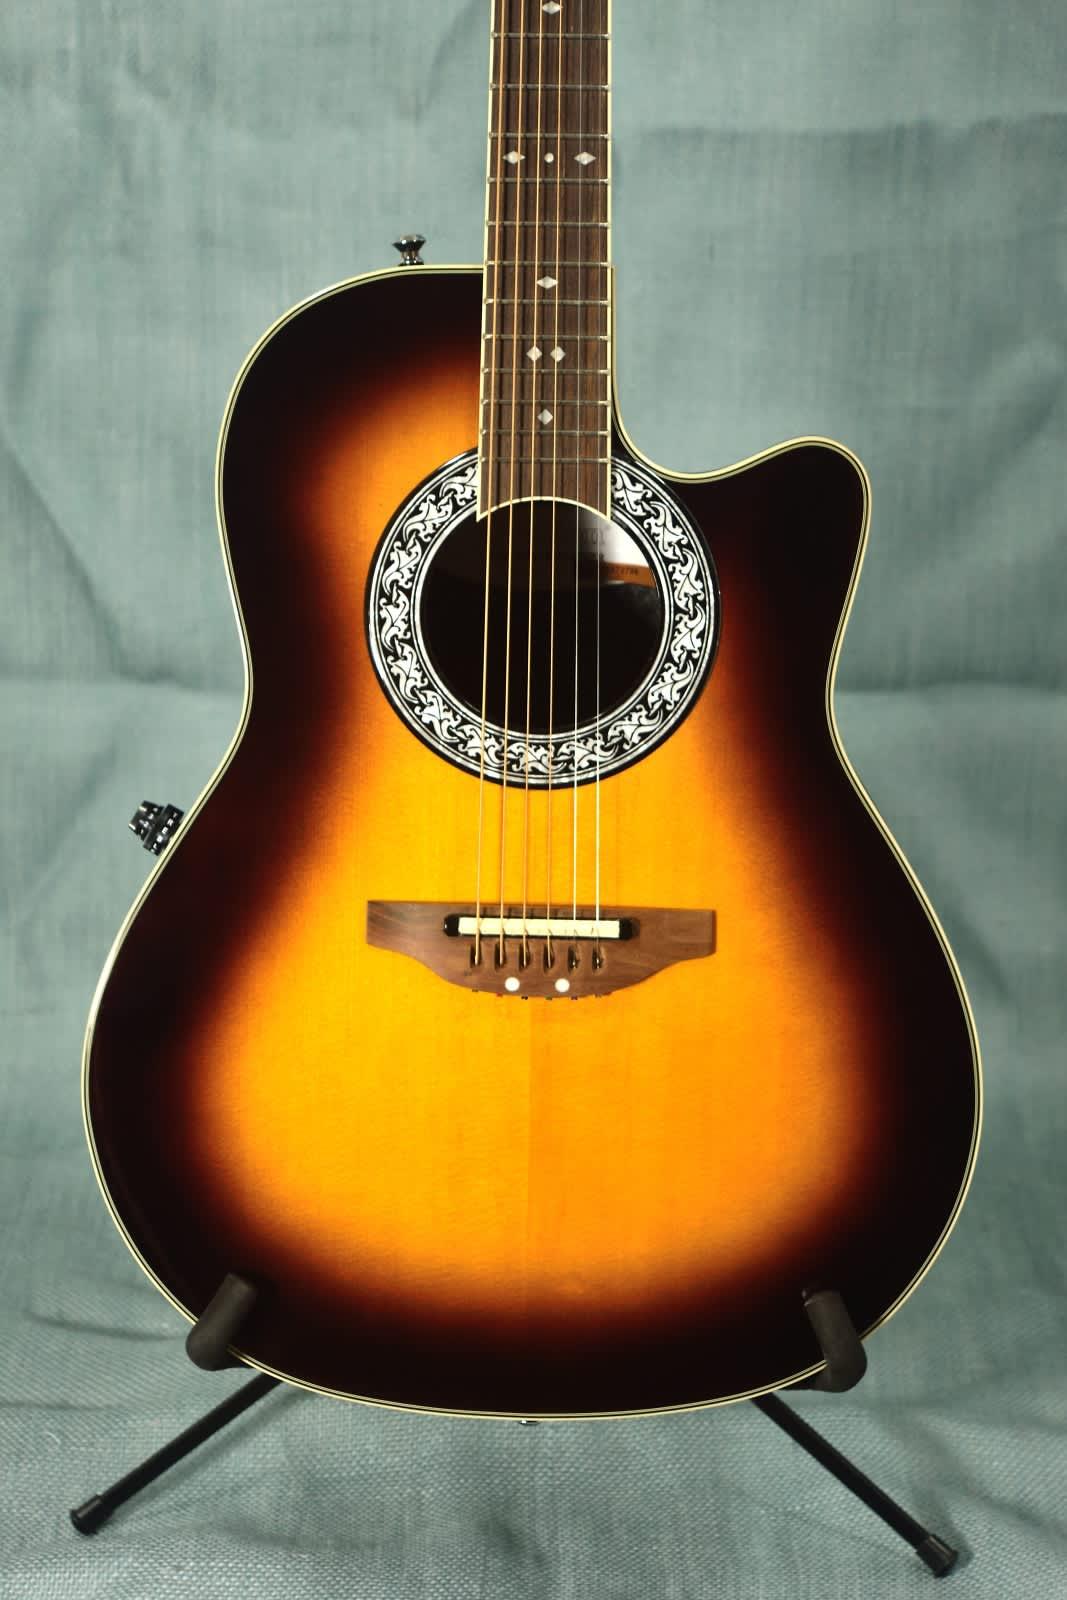 ovation 1771vl 1 pro balladeer acoustic electric guitar reverb. Black Bedroom Furniture Sets. Home Design Ideas